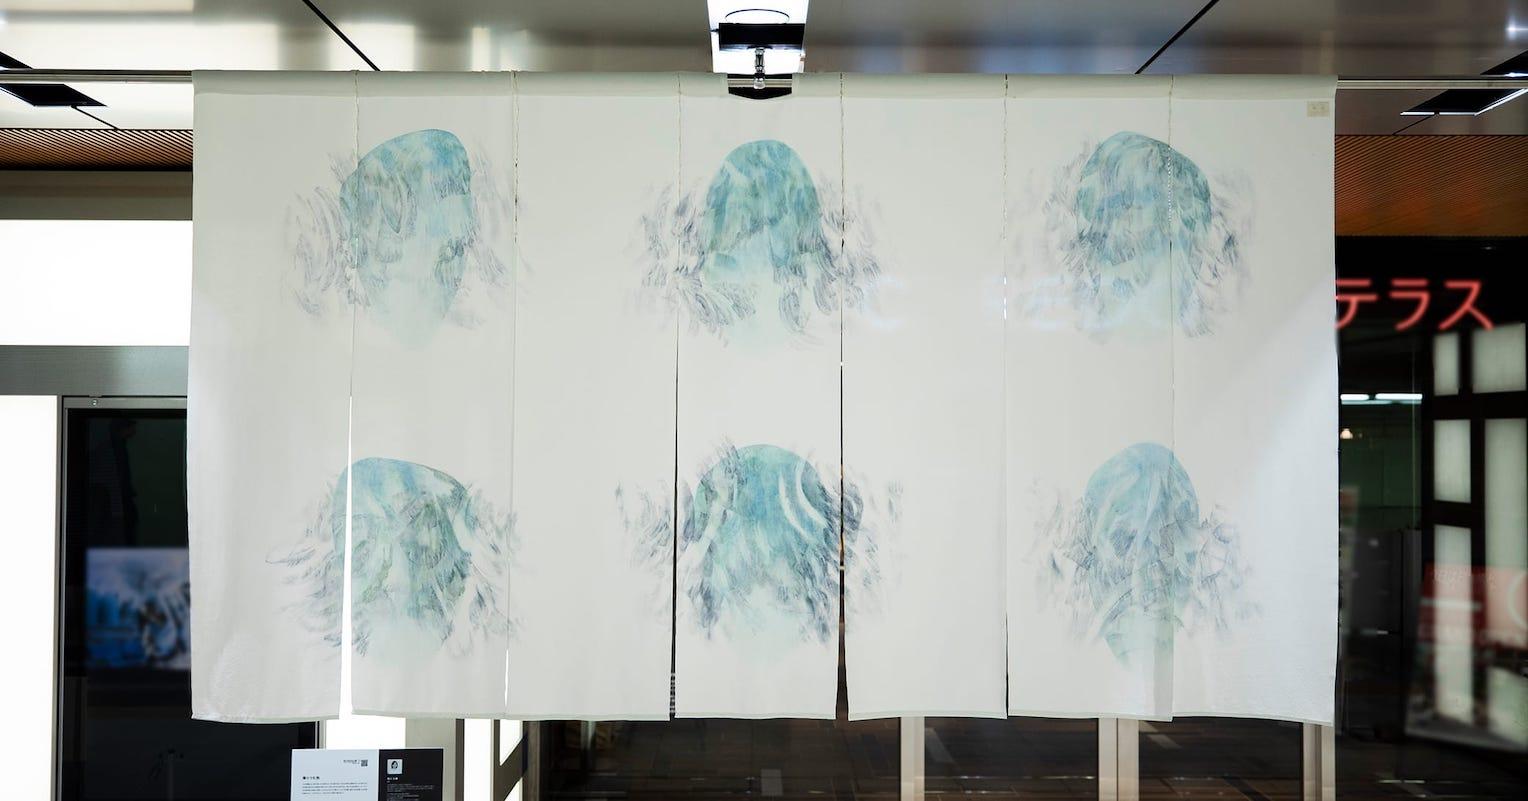 09_隘ソ蟾拿noren-main-image-41